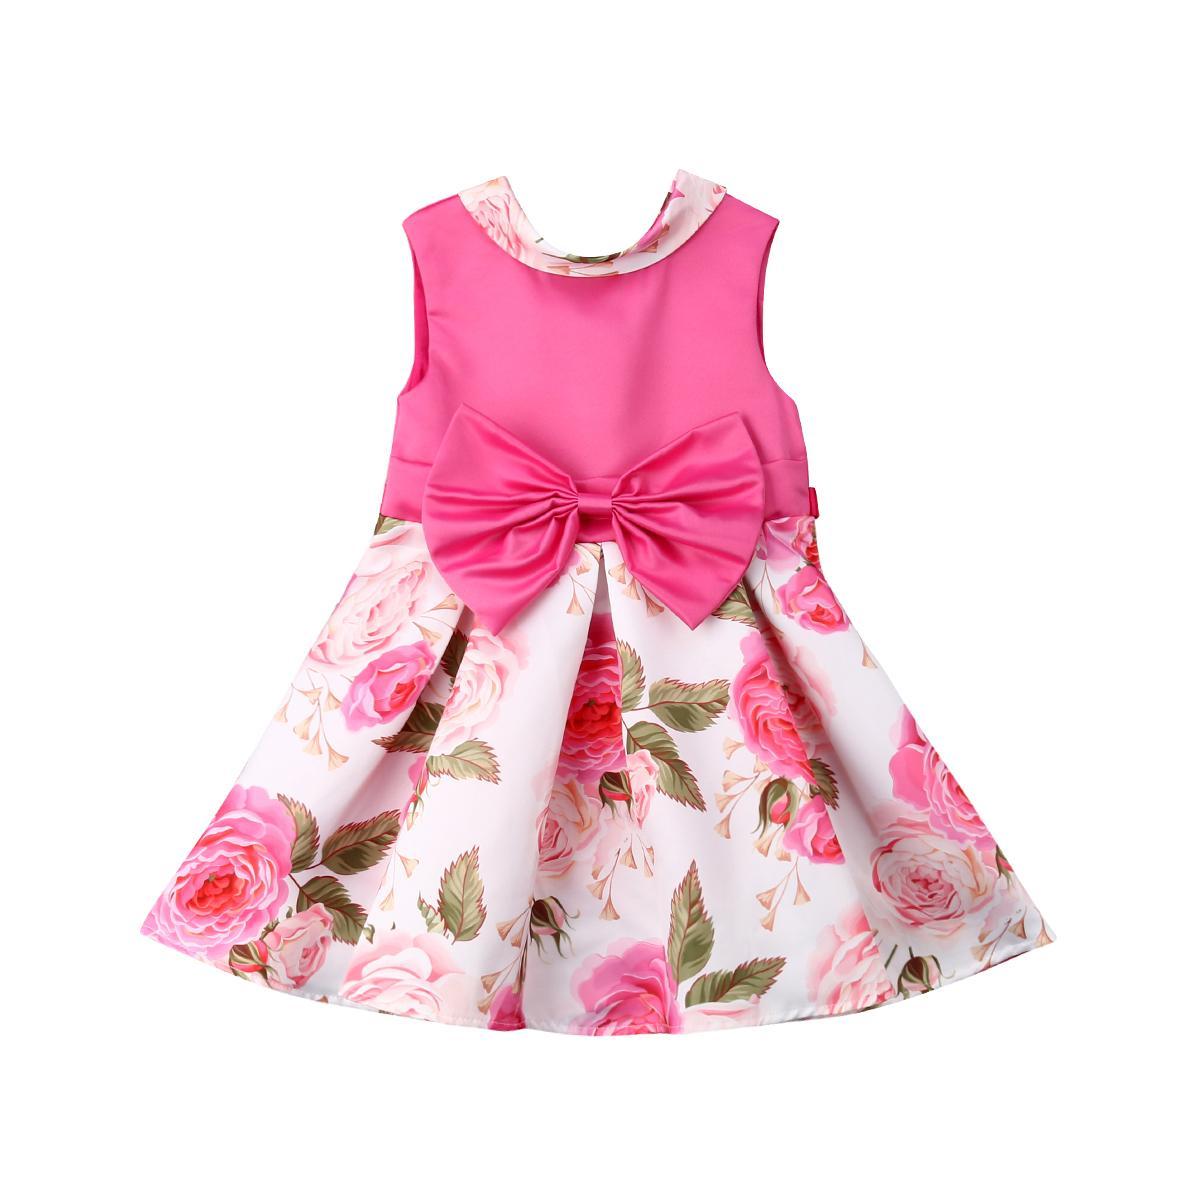 2019 nouvelle robe de fille enfant en bas âge robe de princesse bébé grand arc fête florale robe de mariée enfants tutu doux vêtements